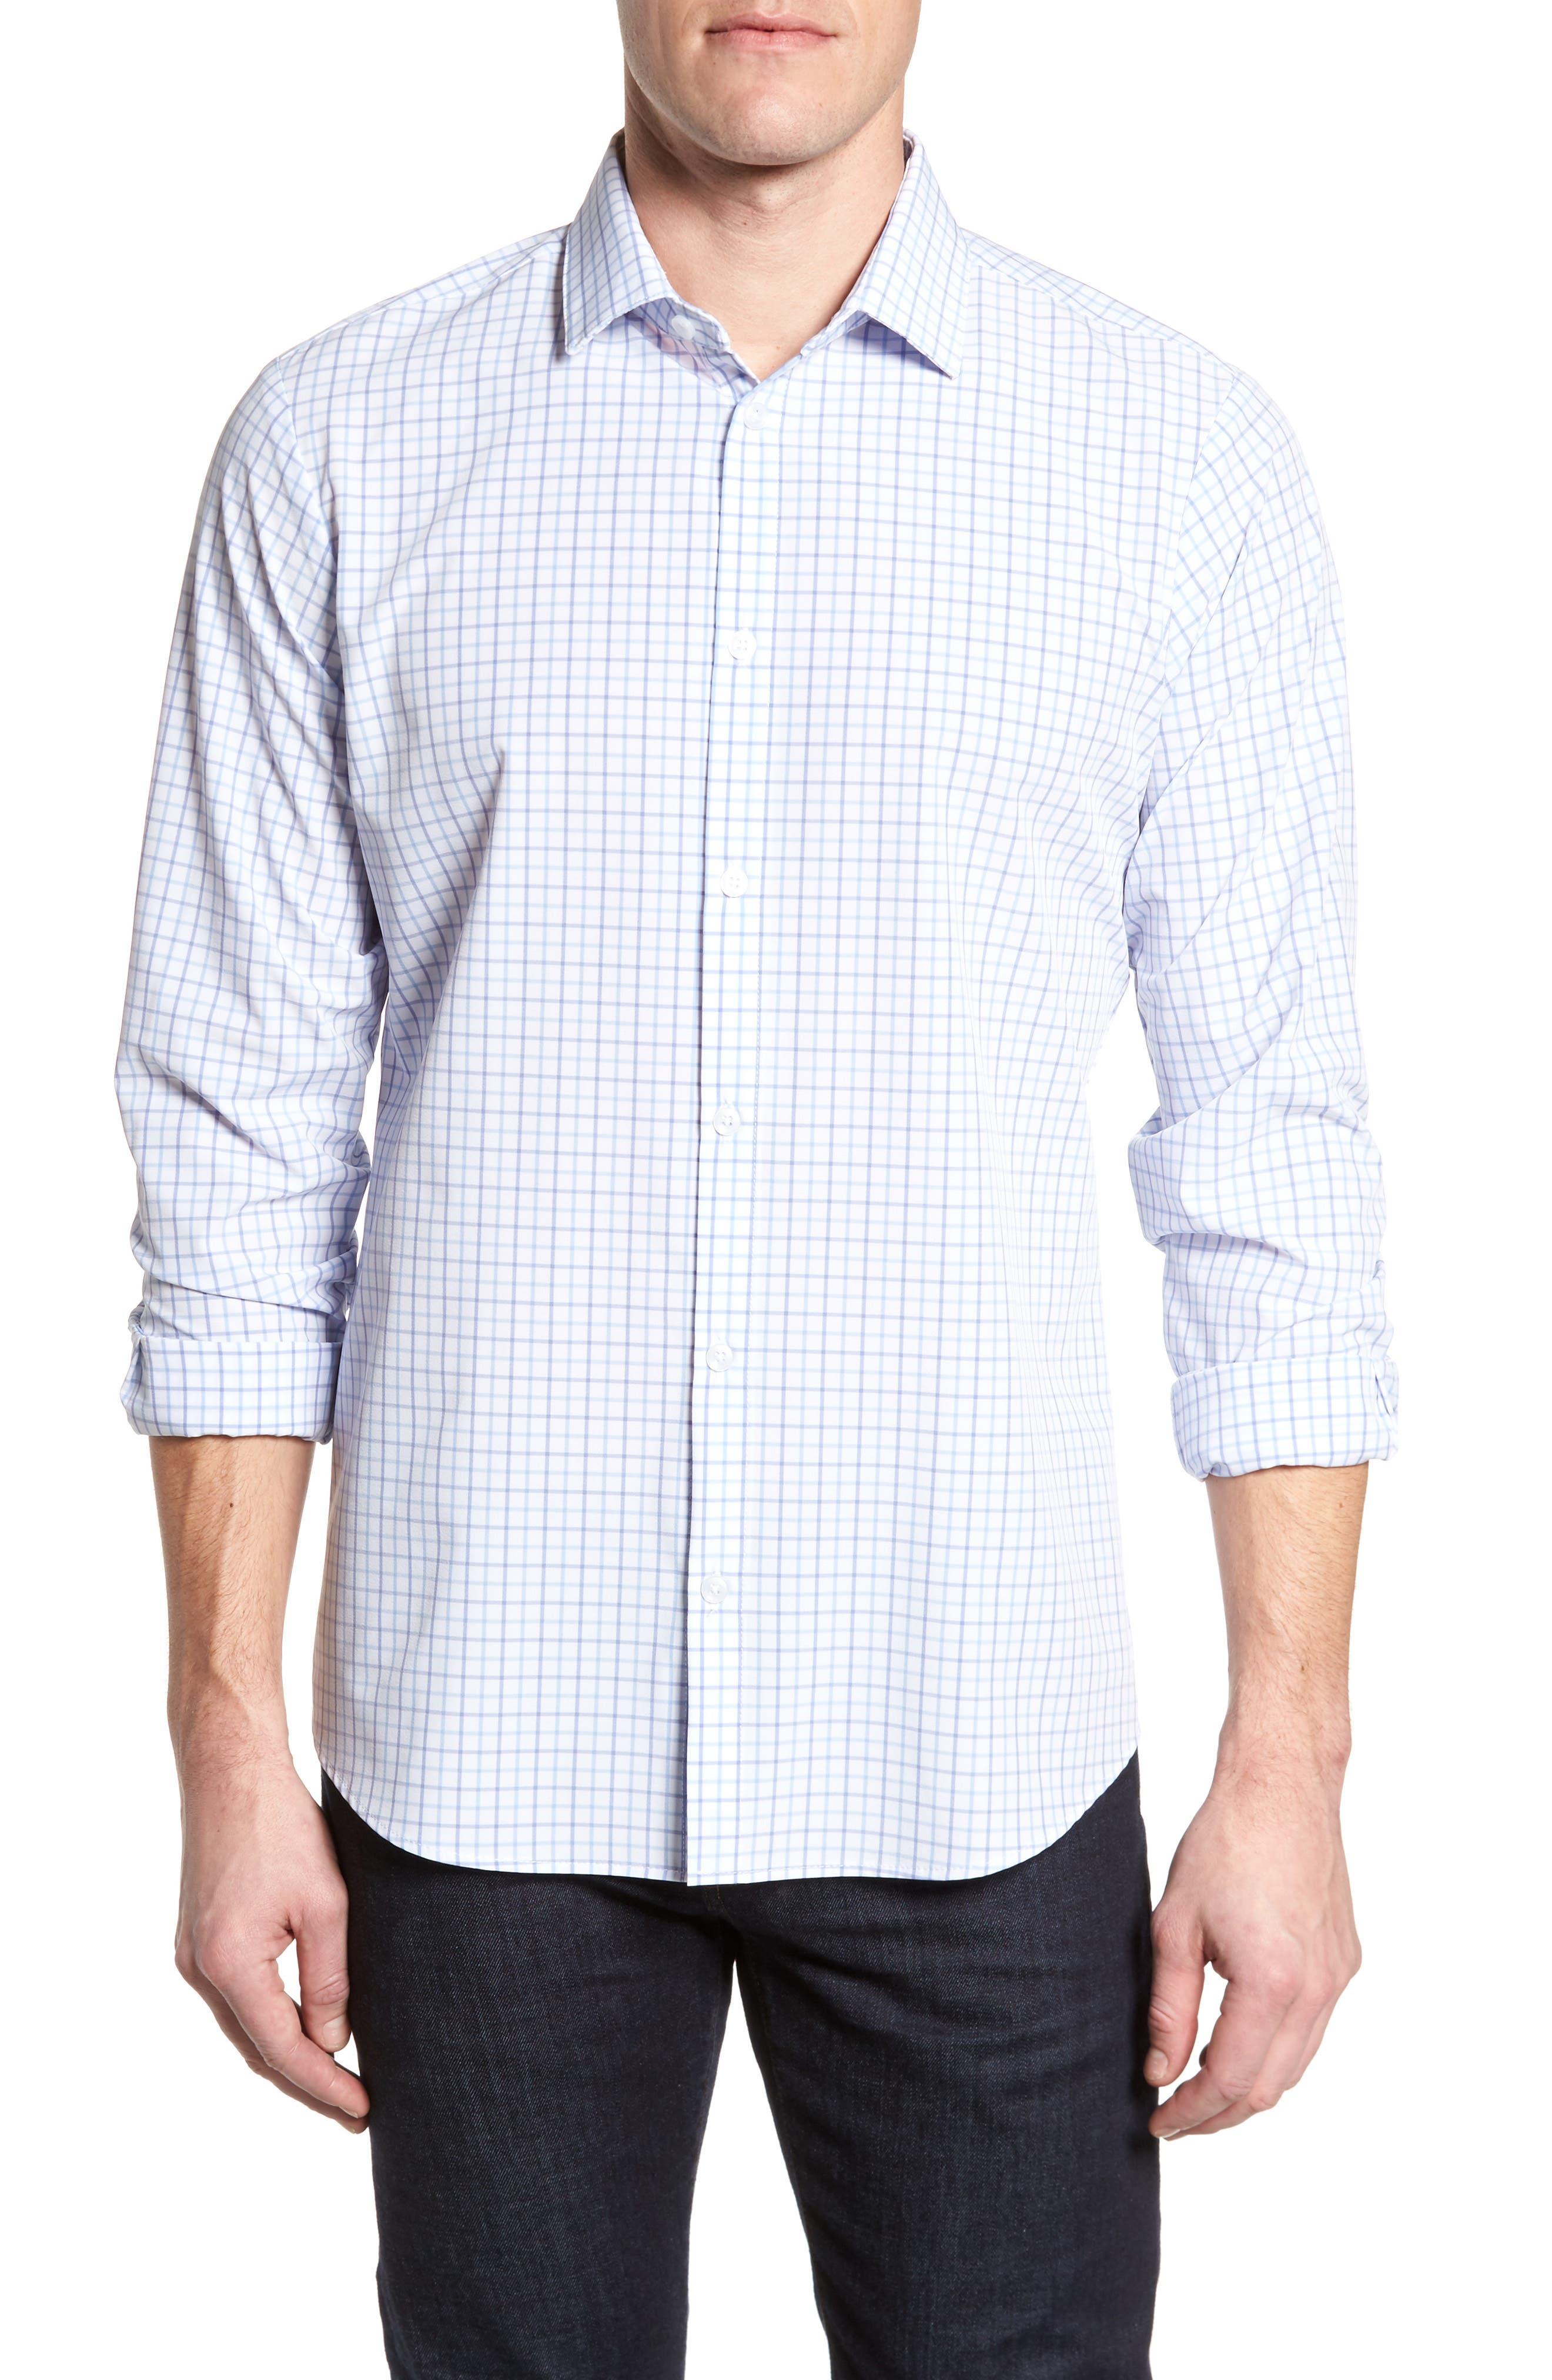 Hallandale Dusty Lavender Check Sport Shirt,                         Main,                         color, 160